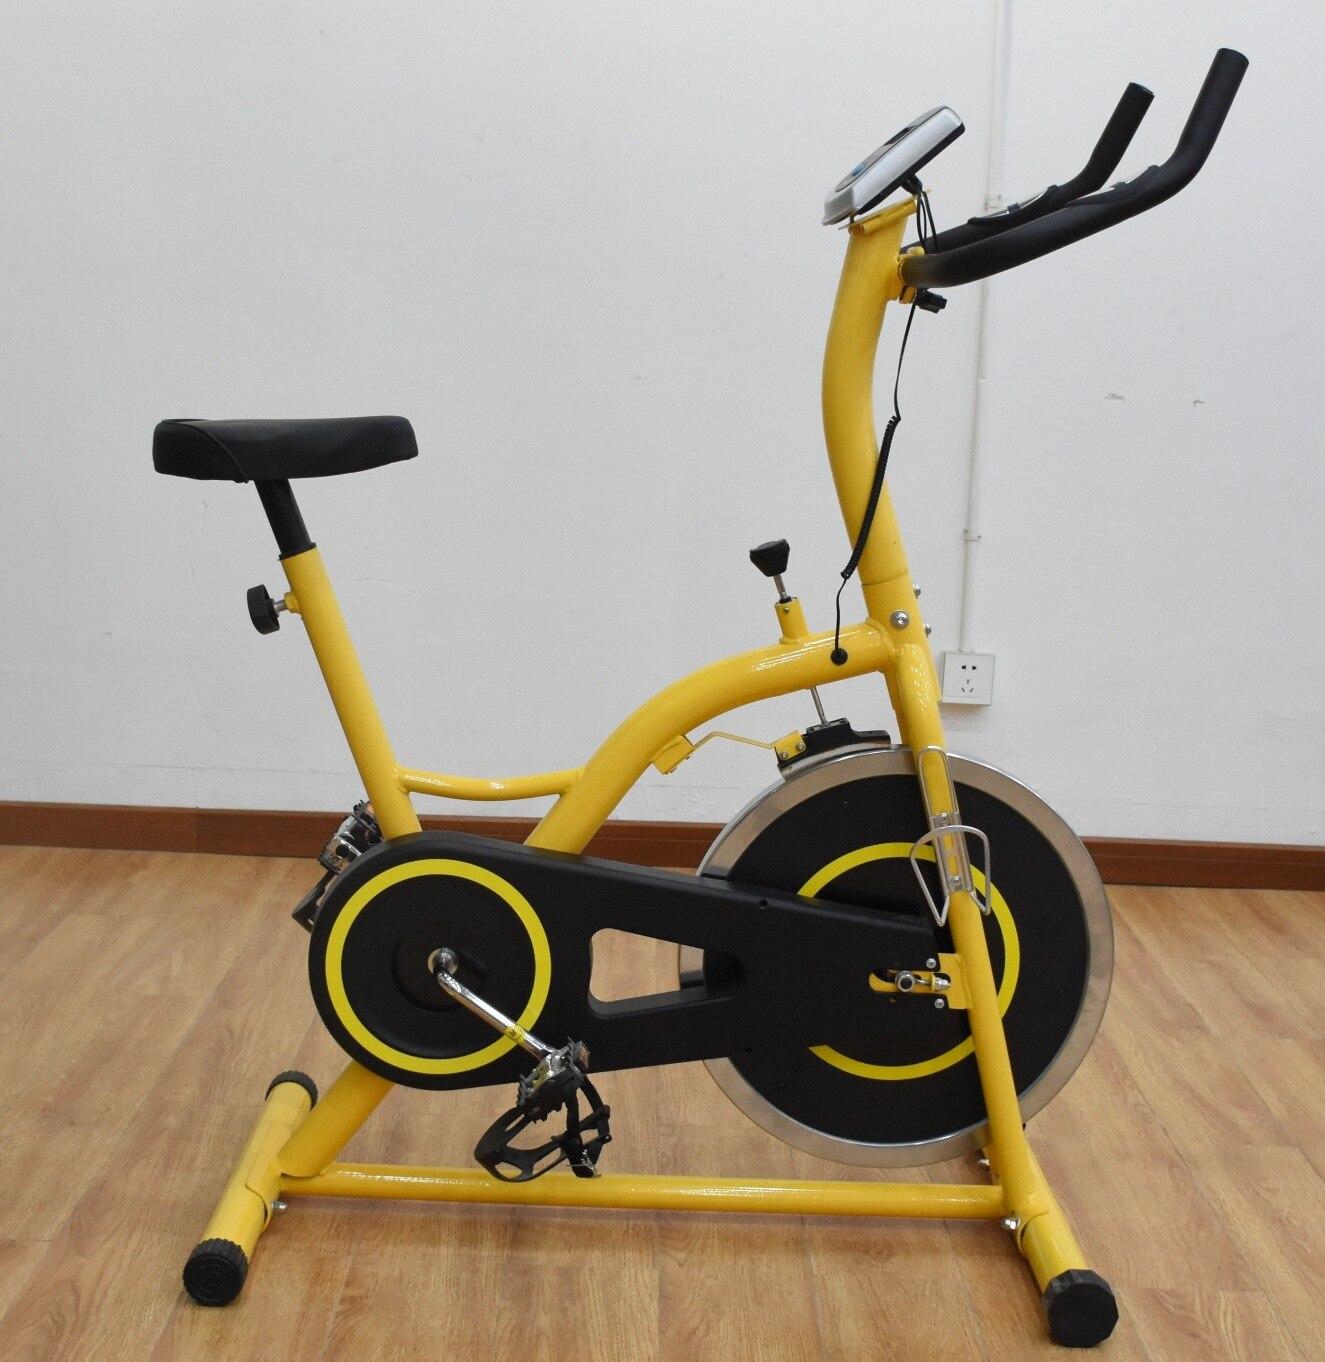 Spinning Exercise Bike Household Indoor Fitness Equipment